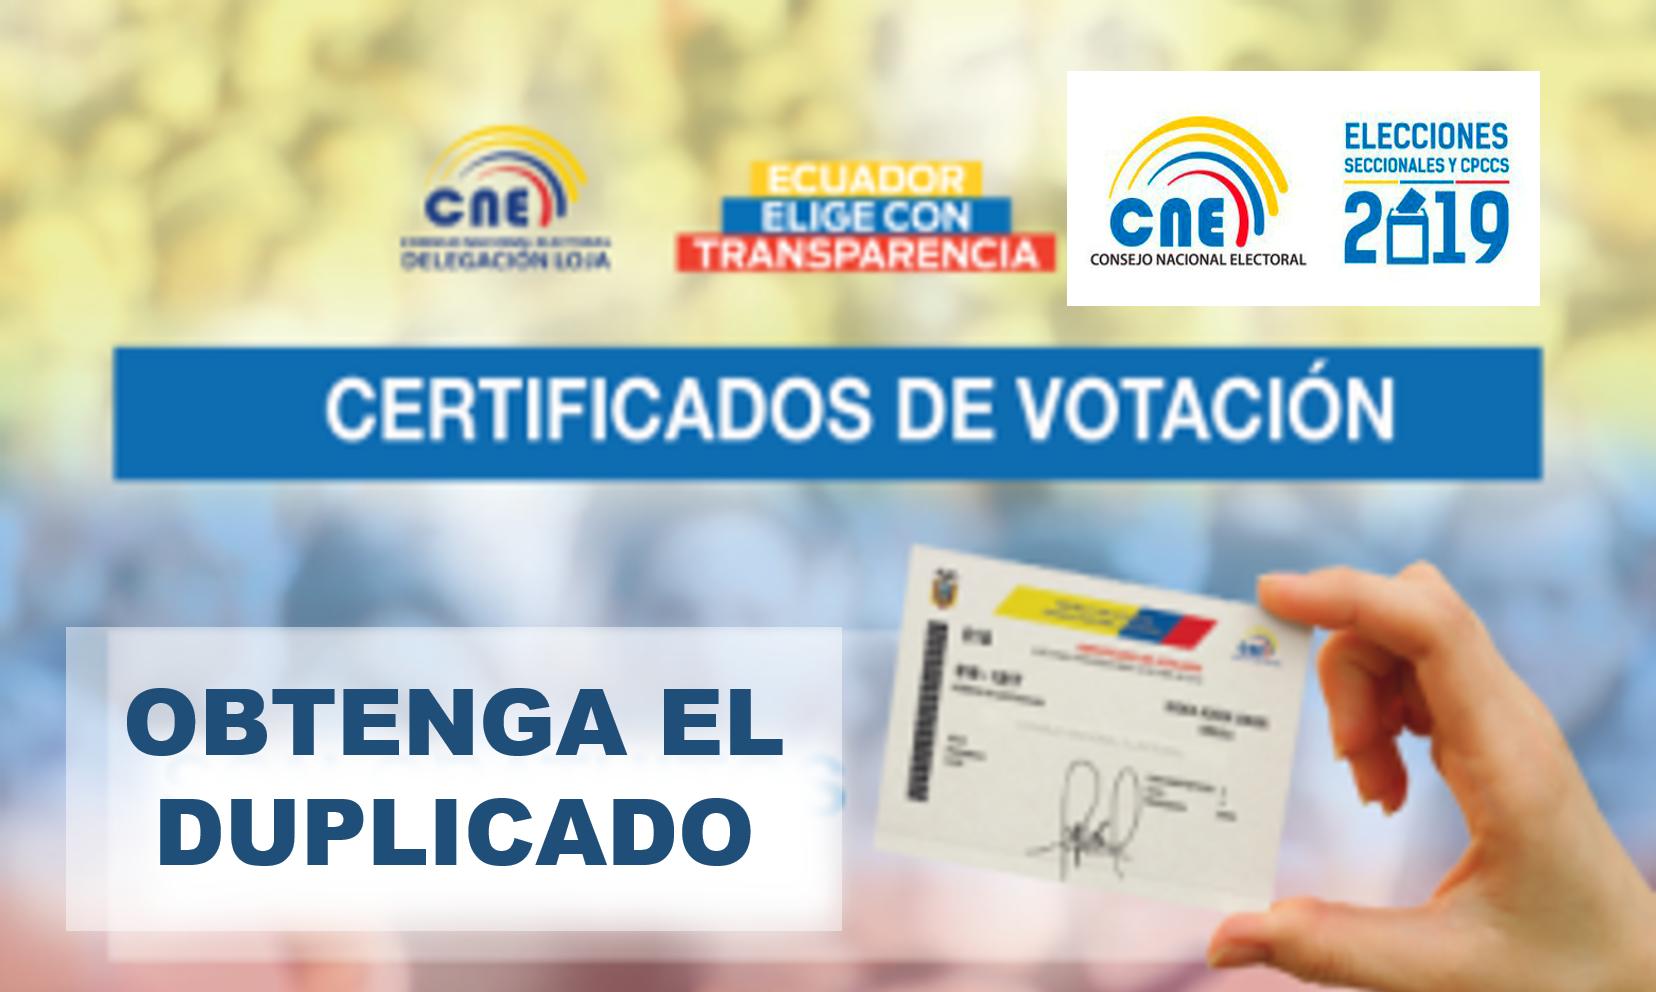 Obtención del duplicado del certificado de votación 1